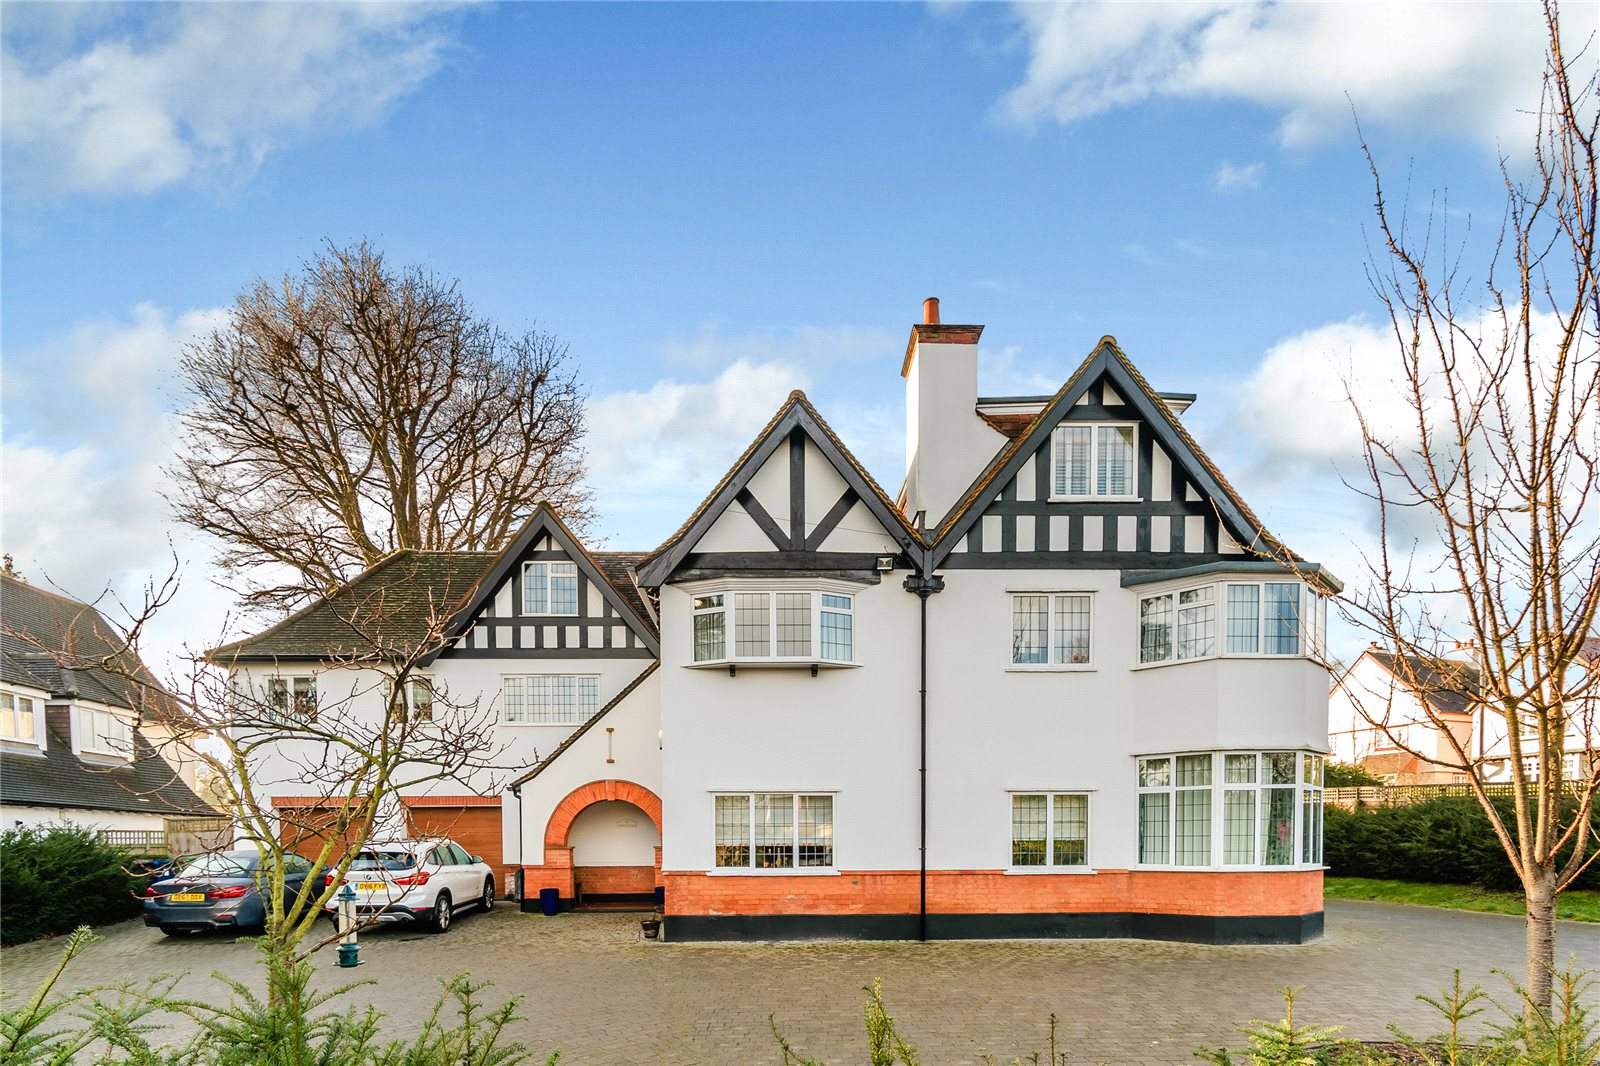 一戸建て のために 売買 アット 2 North Park, Gerrards Cross, Buckinghamshire, SL9 Gerrards Cross, イギリス